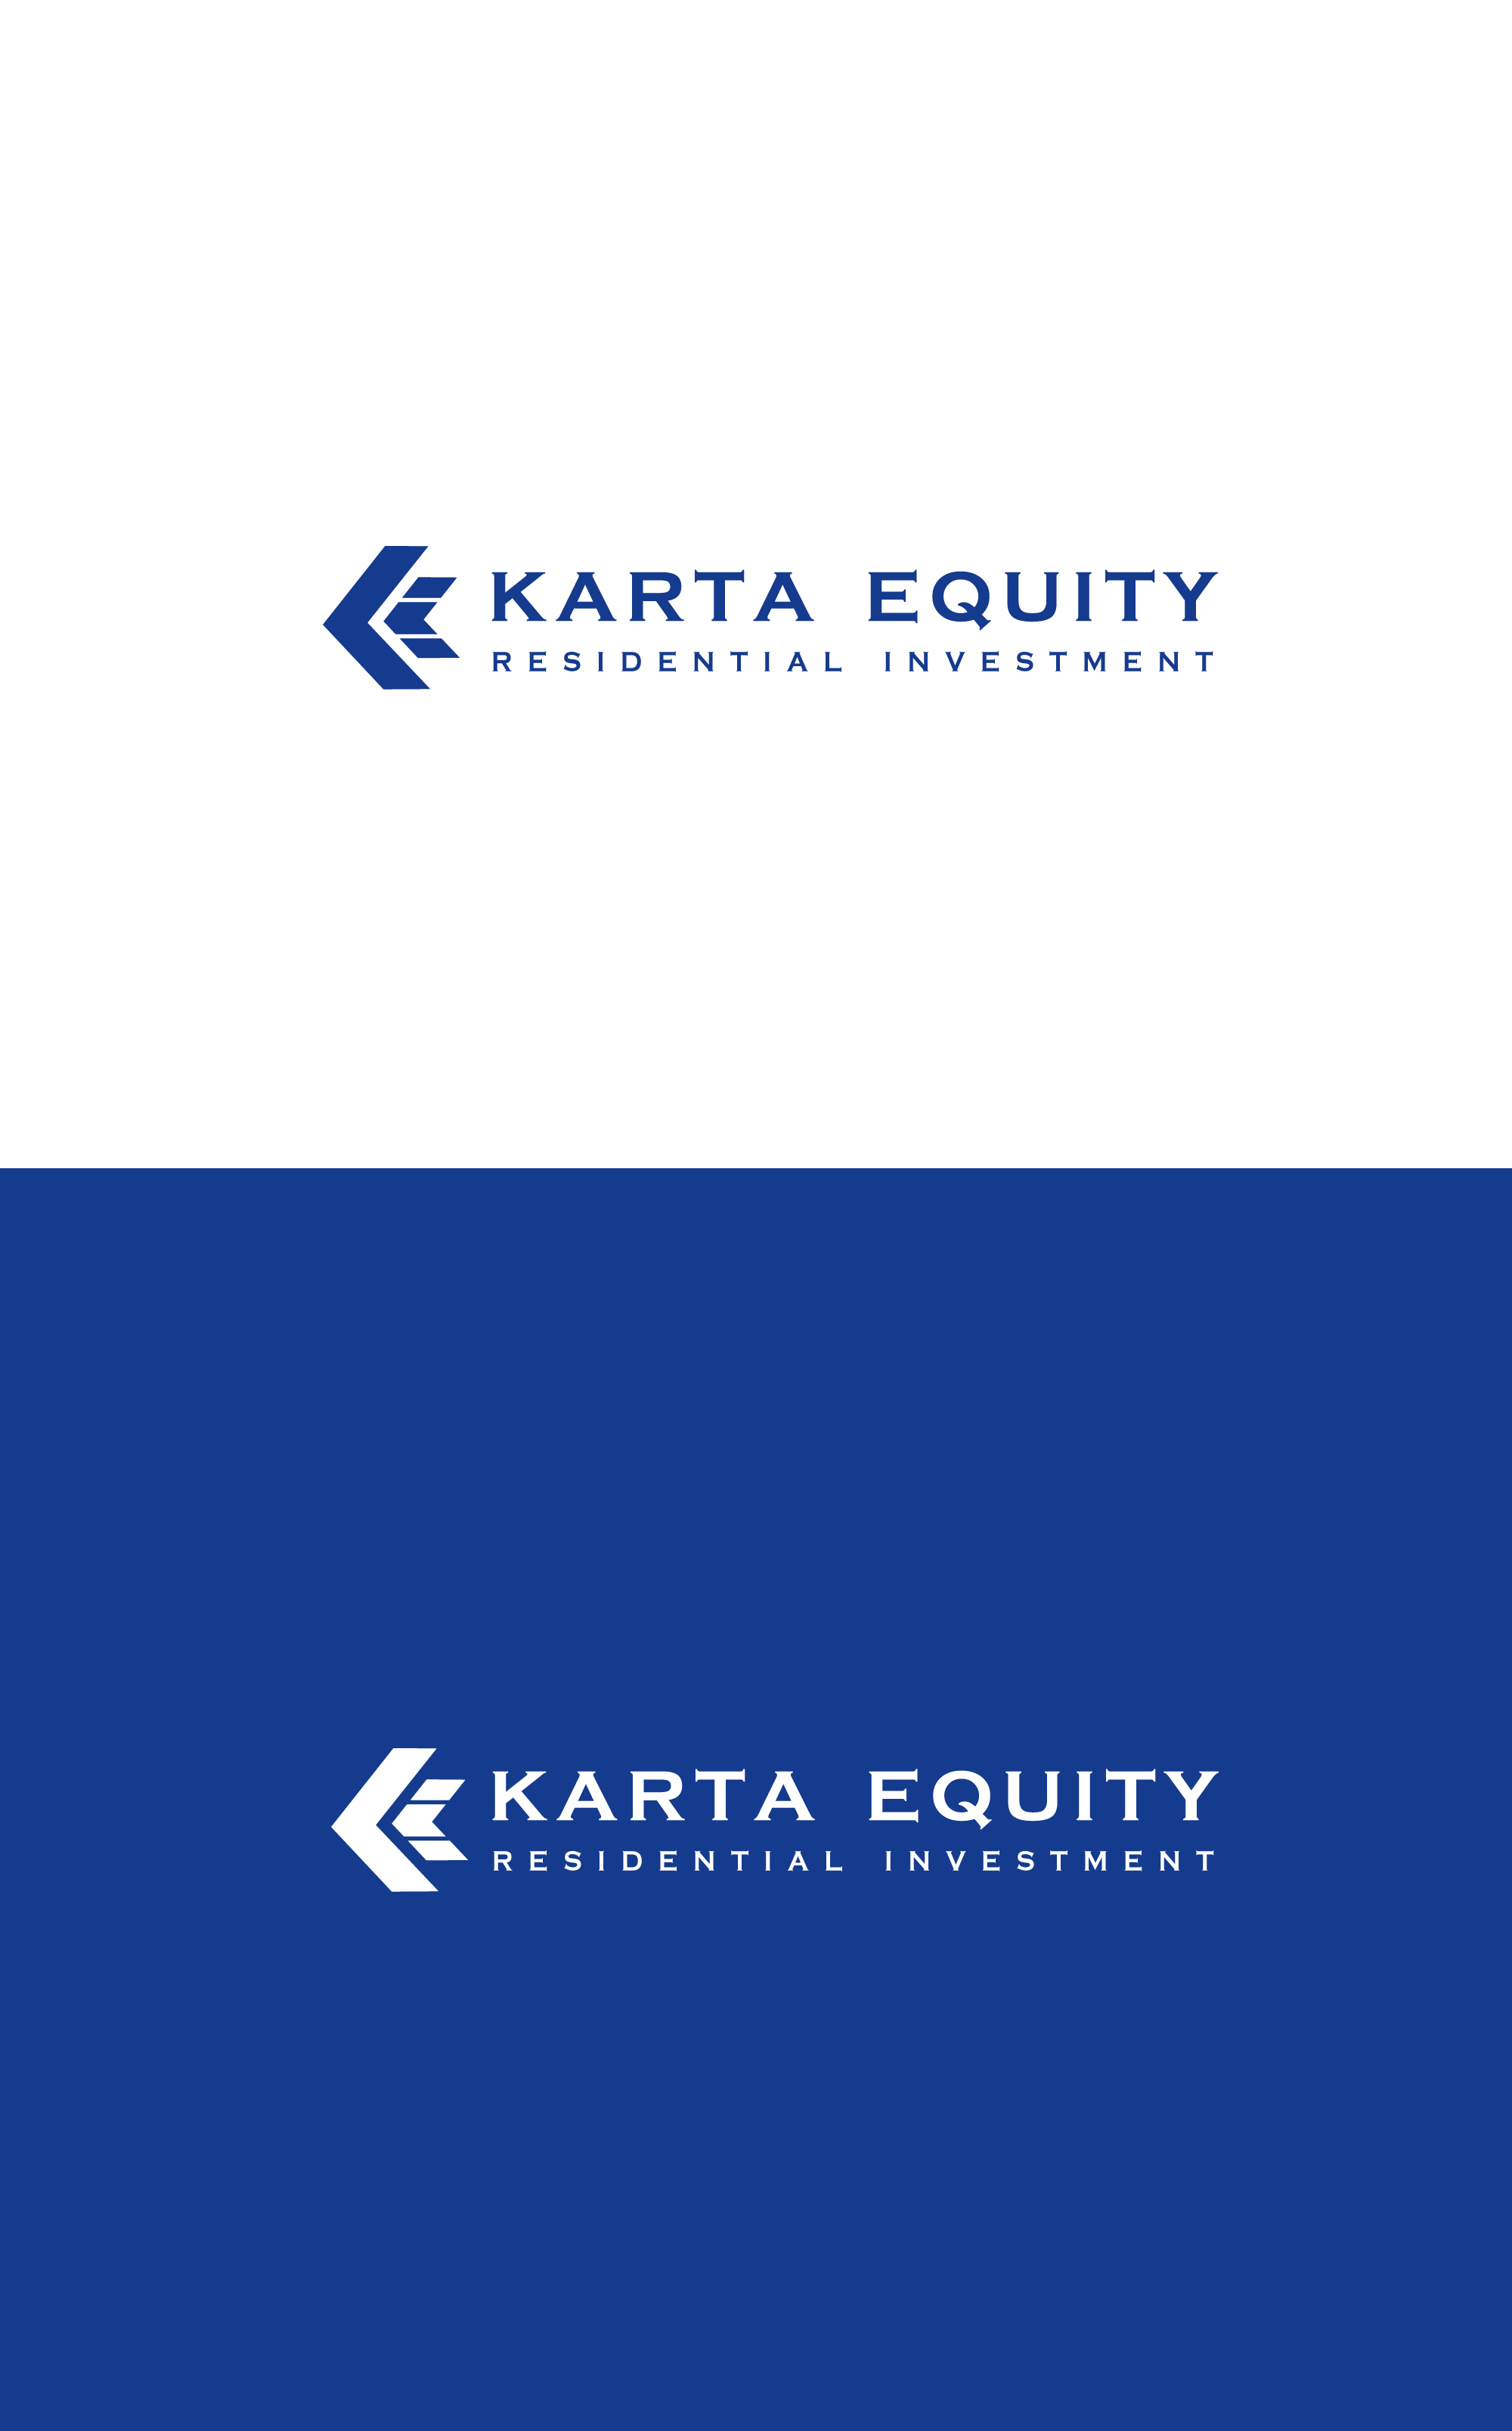 Логотип для компании инвестироваюшей в жилую недвижимость фото f_9975e127efb0f170.jpg